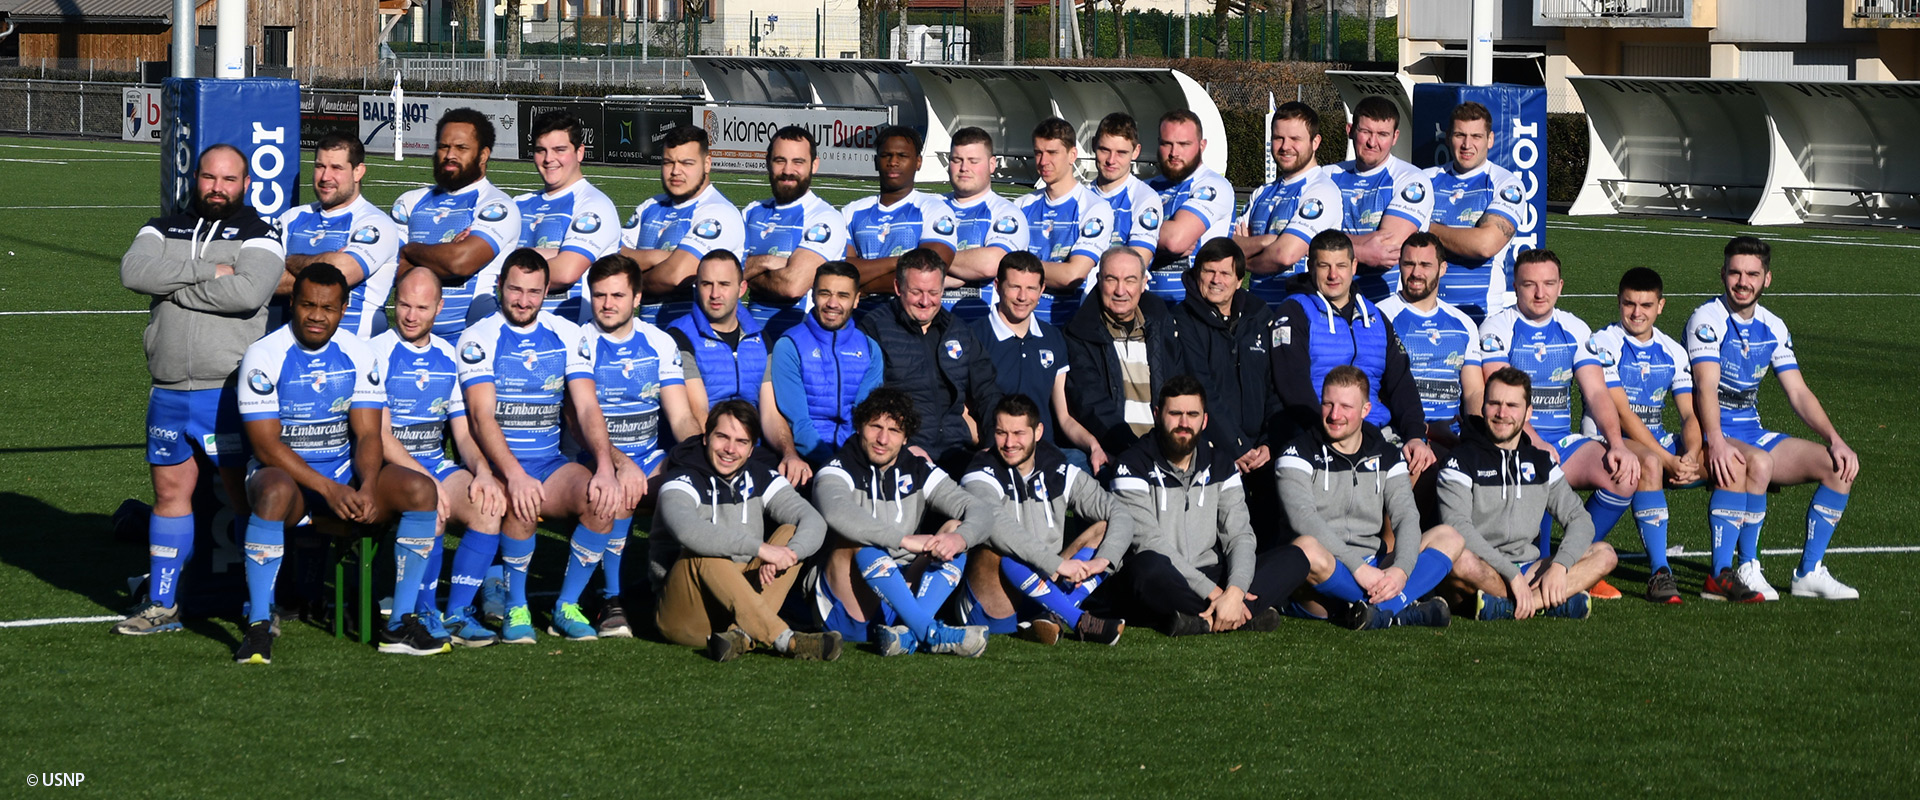 USNP - Rugby du Haut-Bugey - Nantua - Magazine Graines de l'Ain